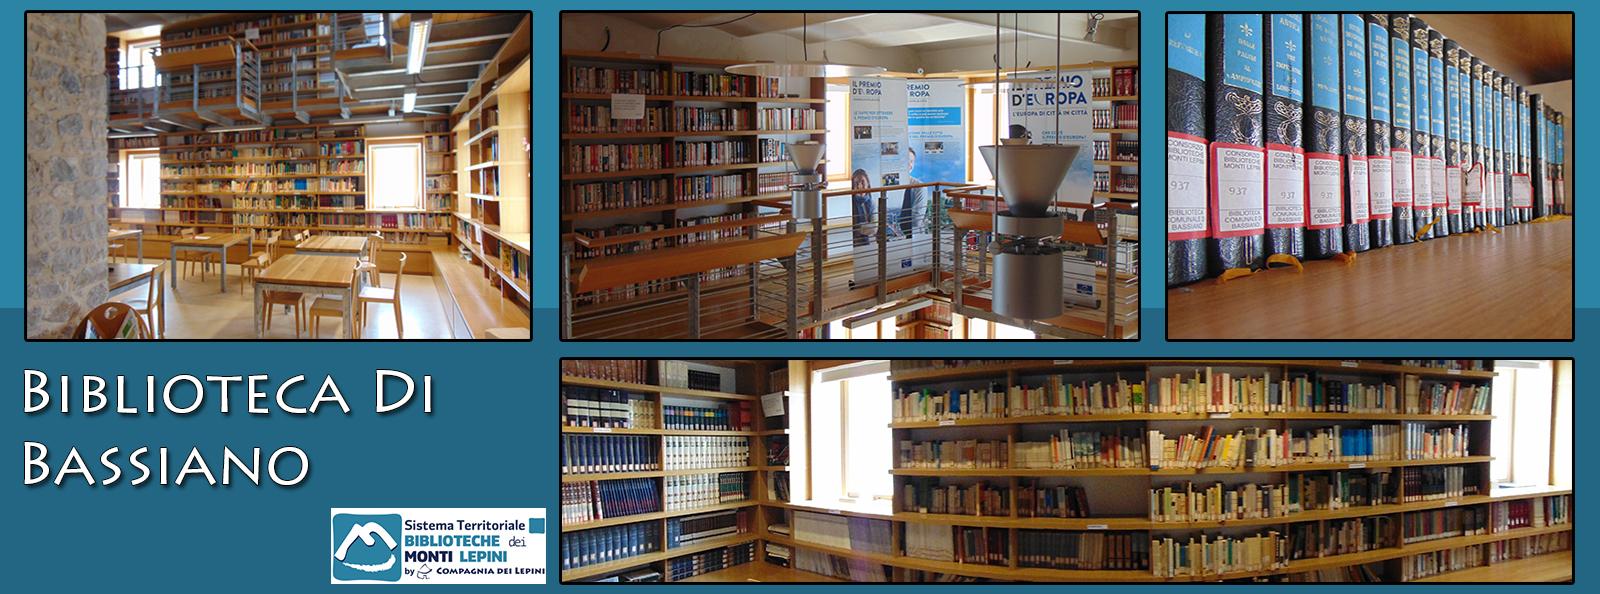 Bassiano - Biblioteca Comunale